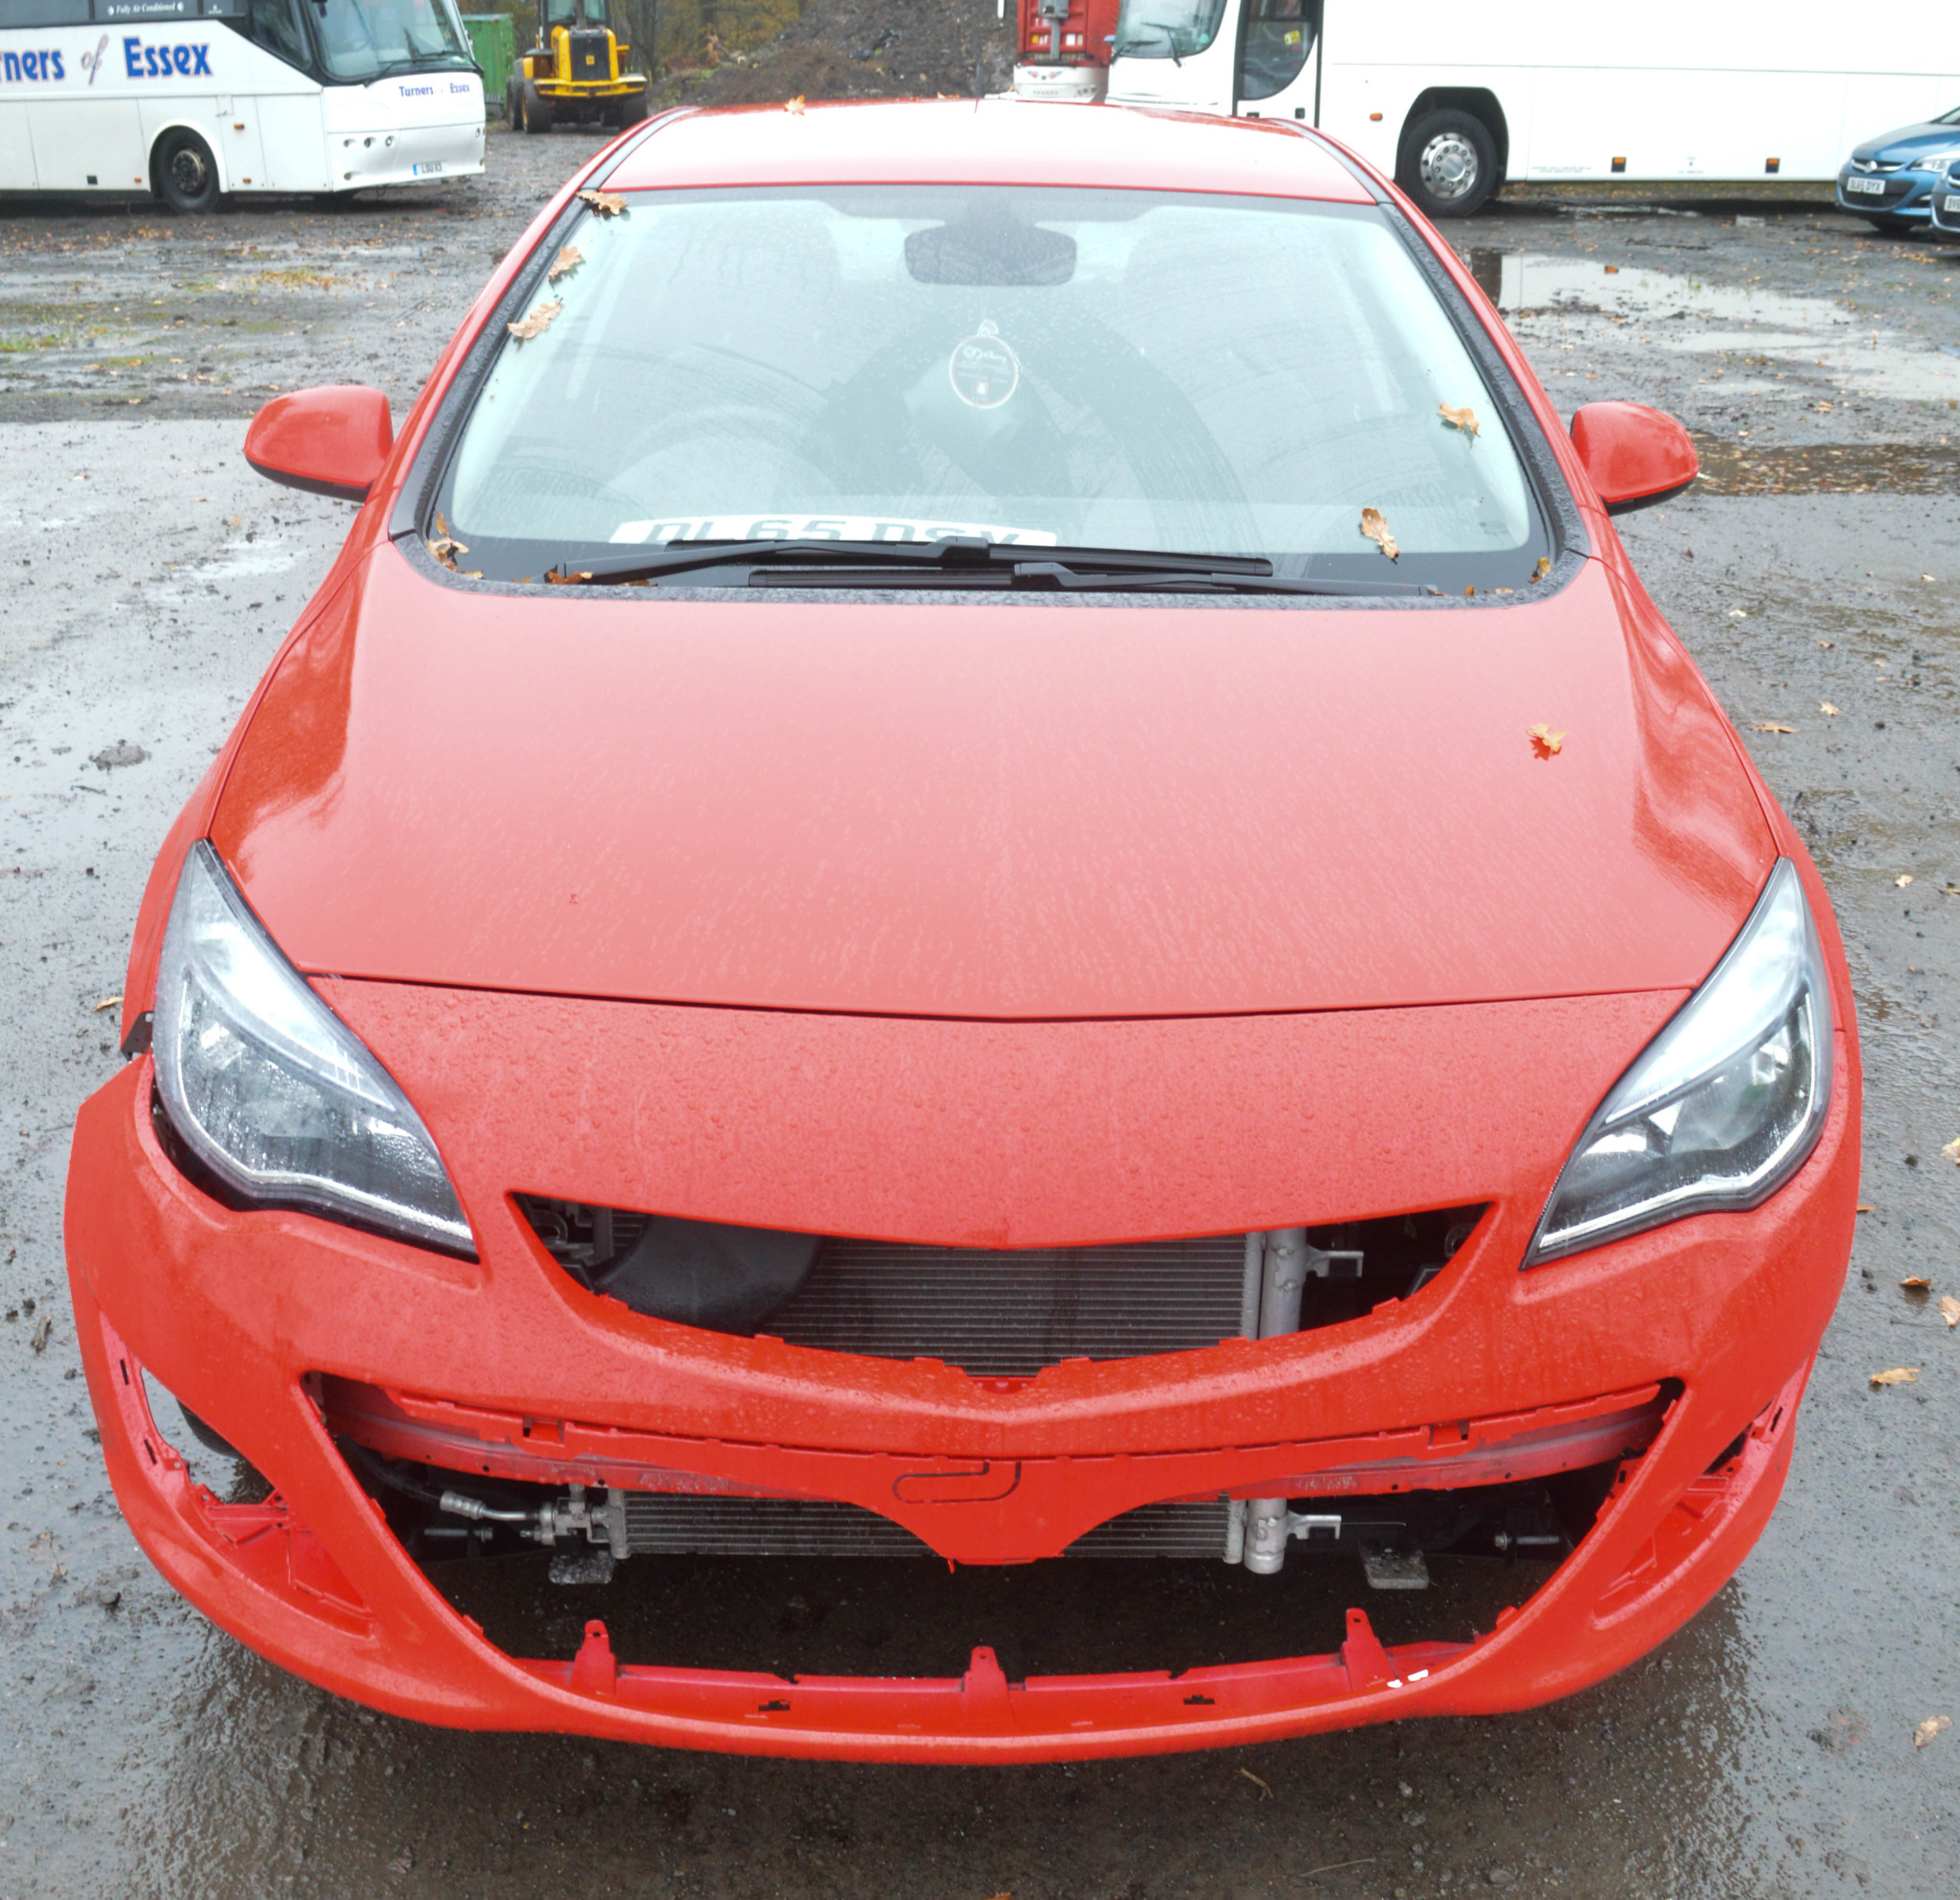 Vauxhall Astra 1.6i VVT 16v Elite 5 Door Hatchback Car